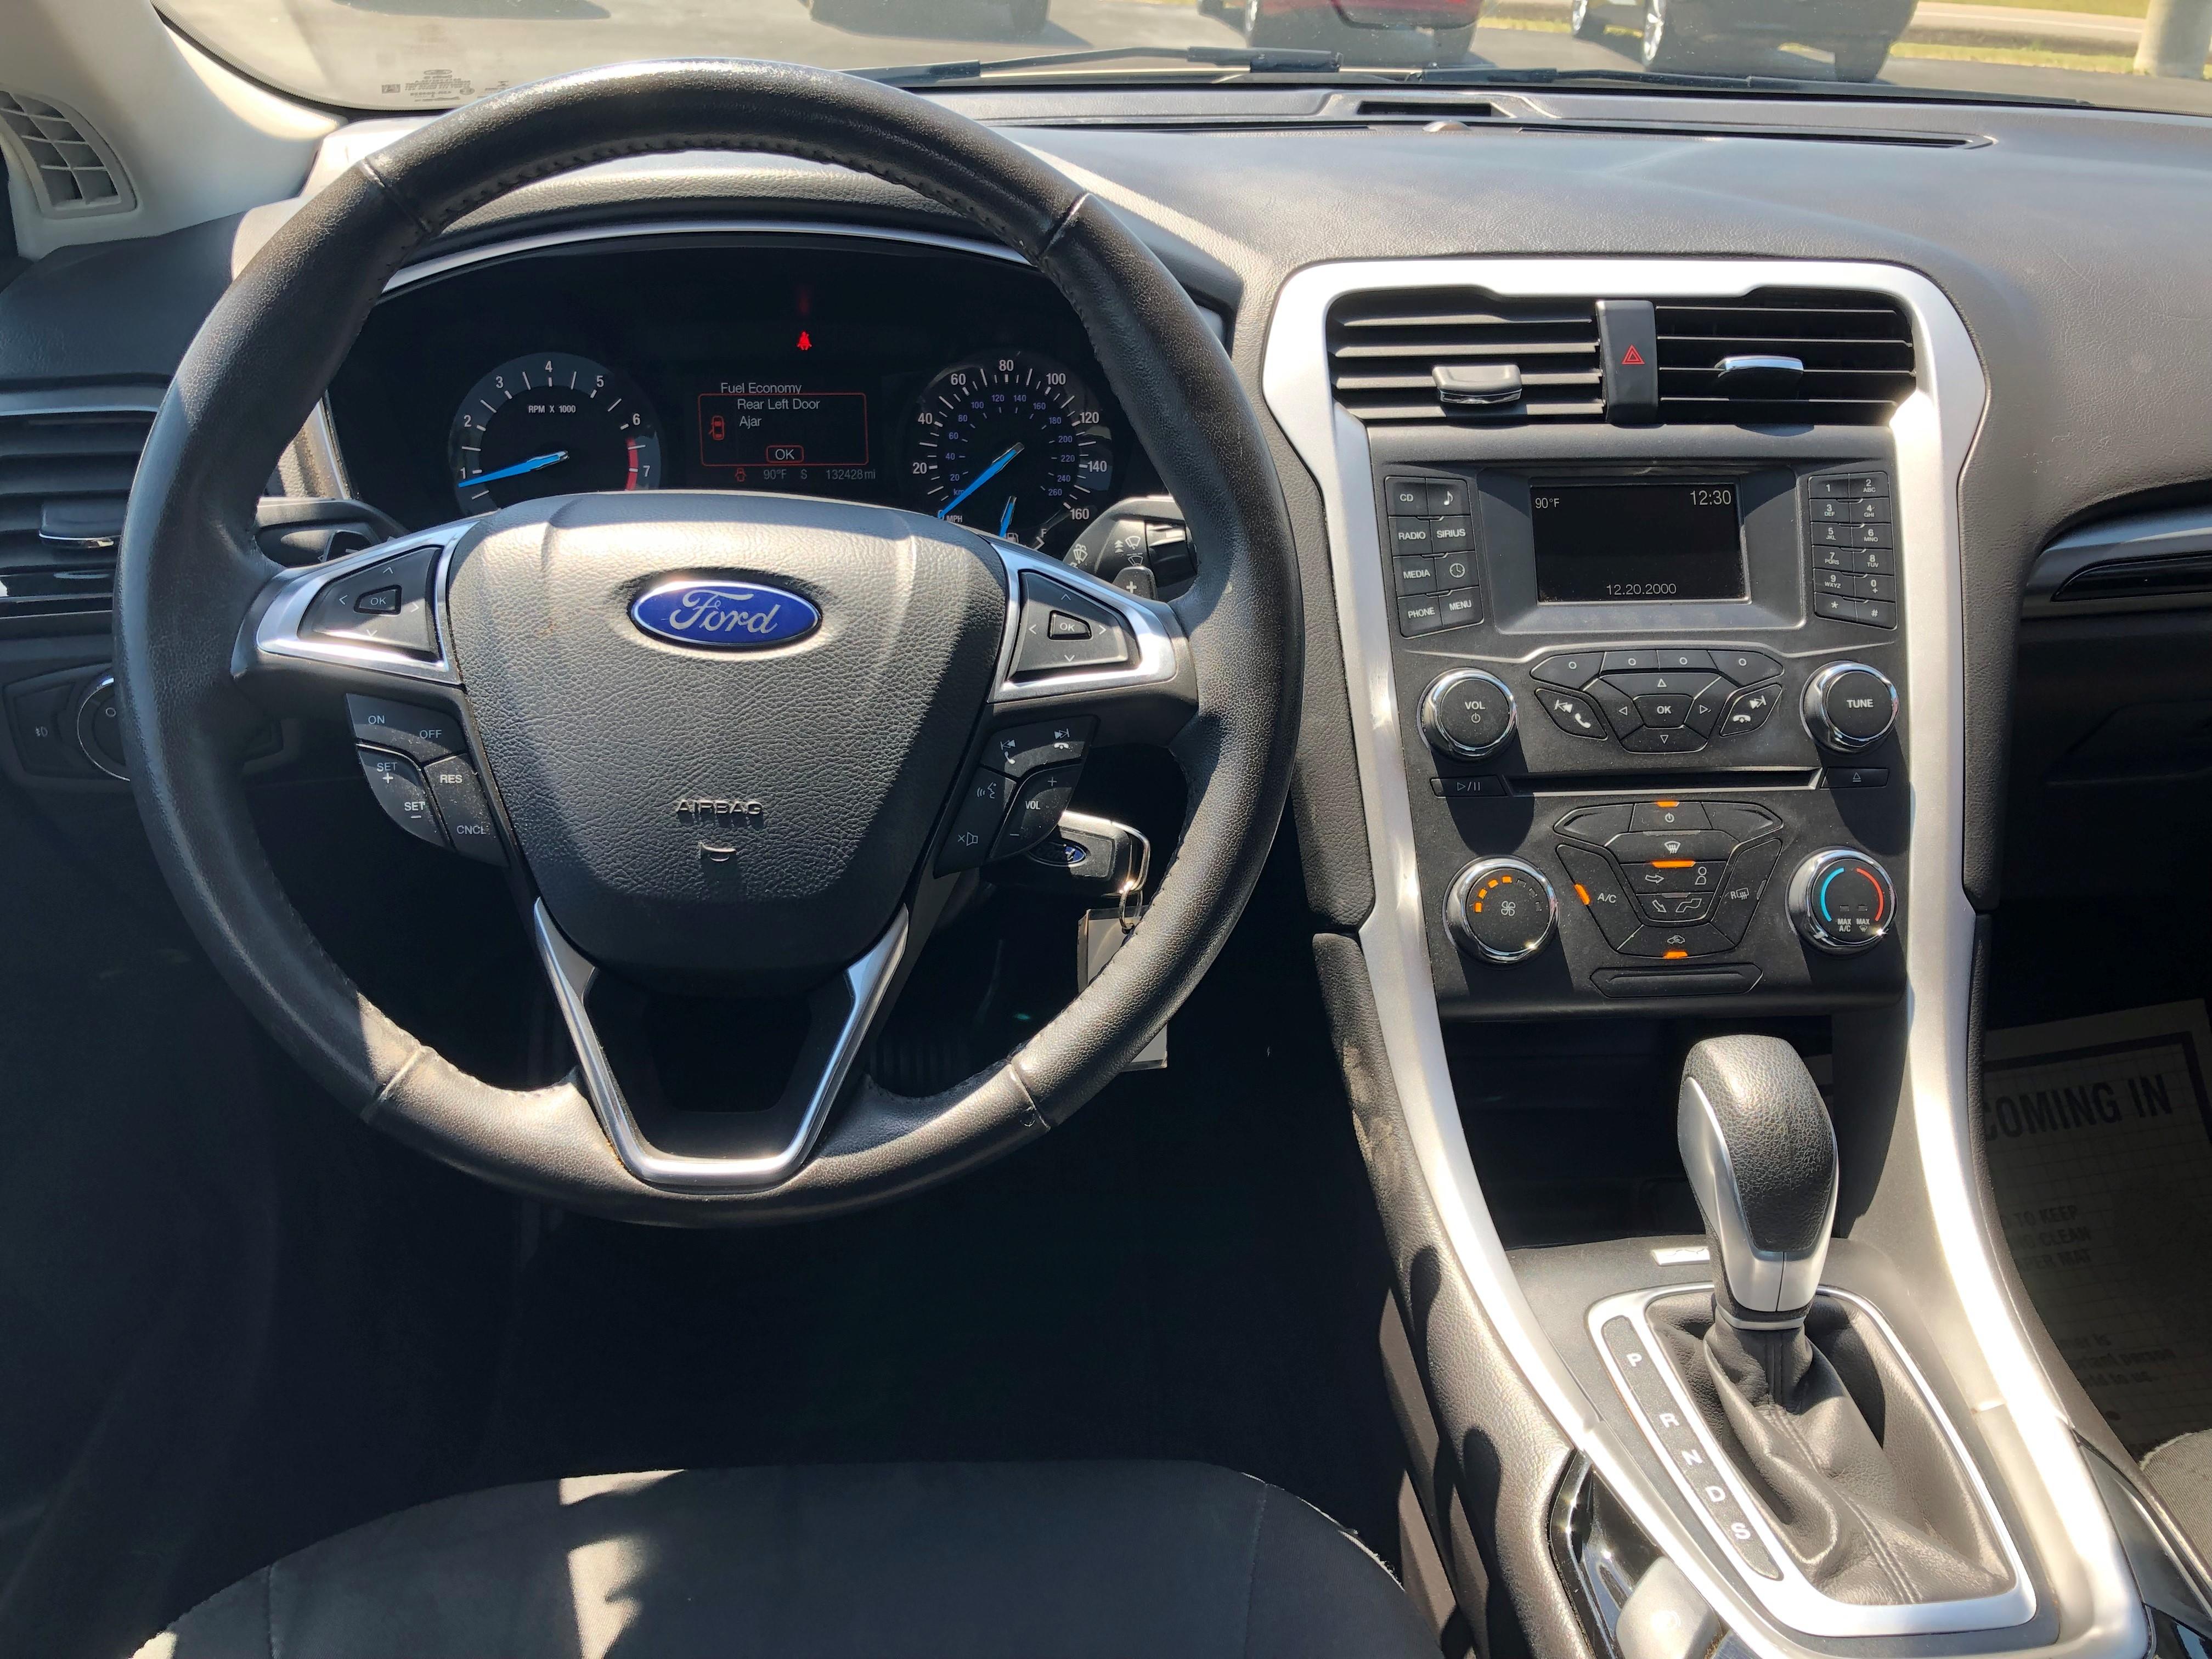 used vehicle - Sedan FORD FUSION 2016